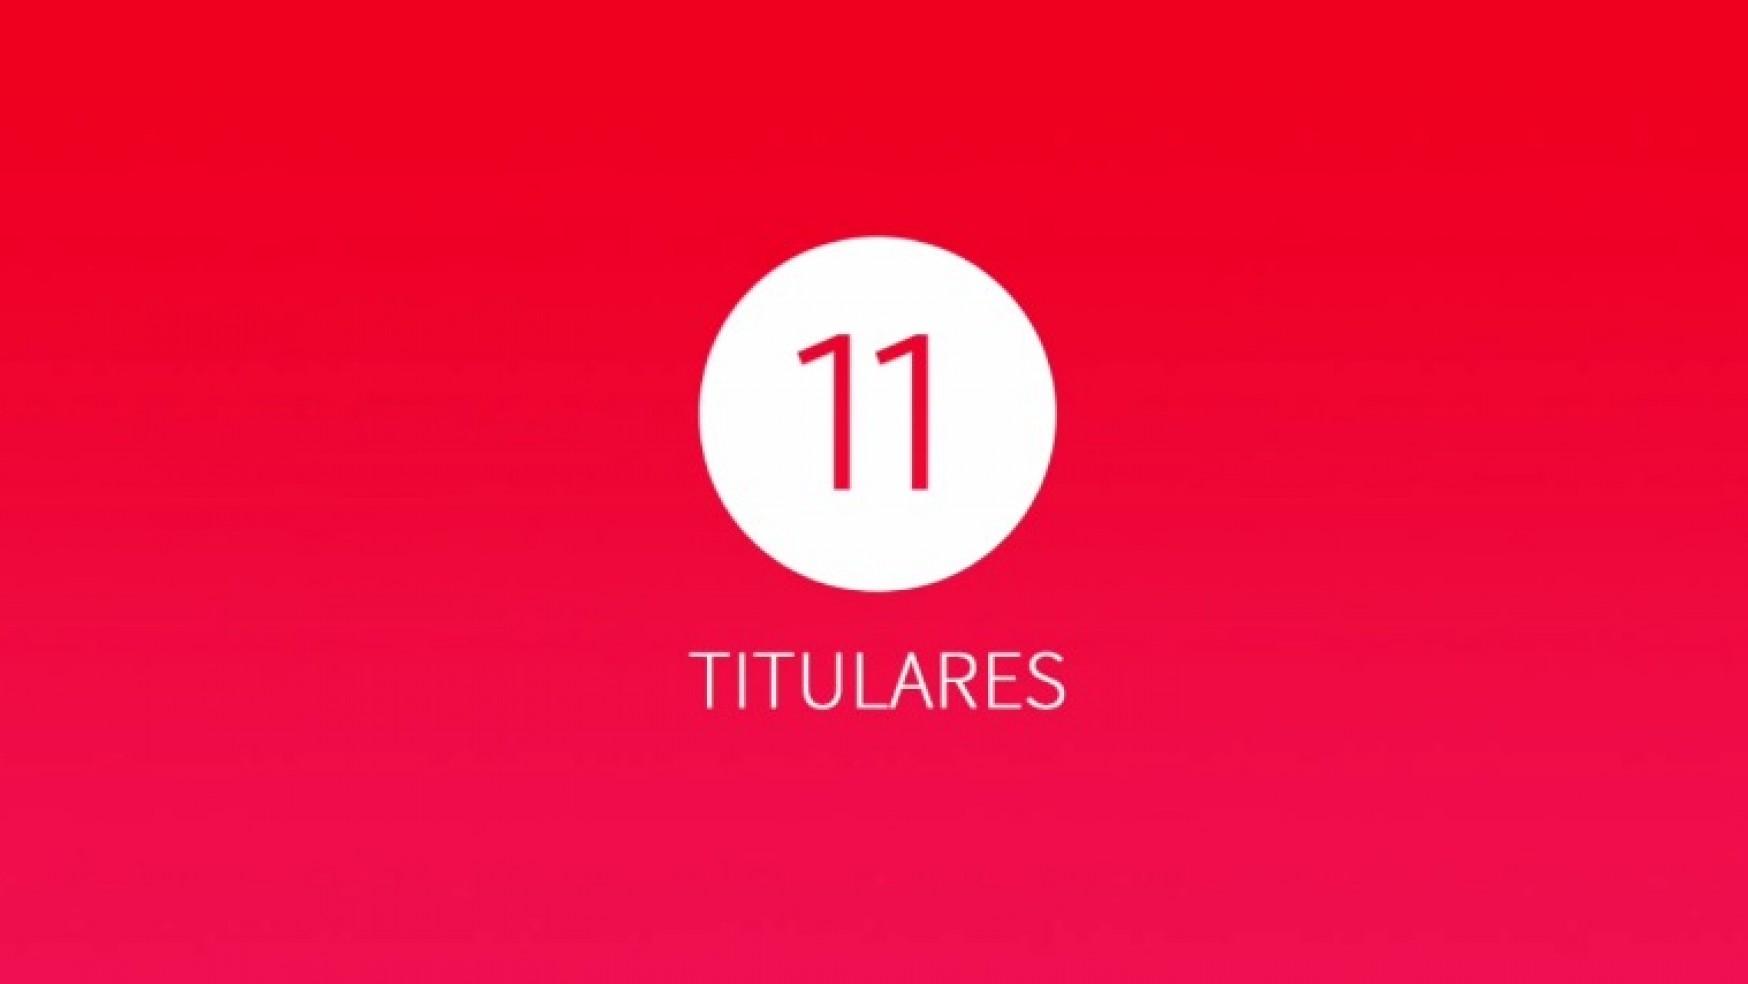 11 Titulares